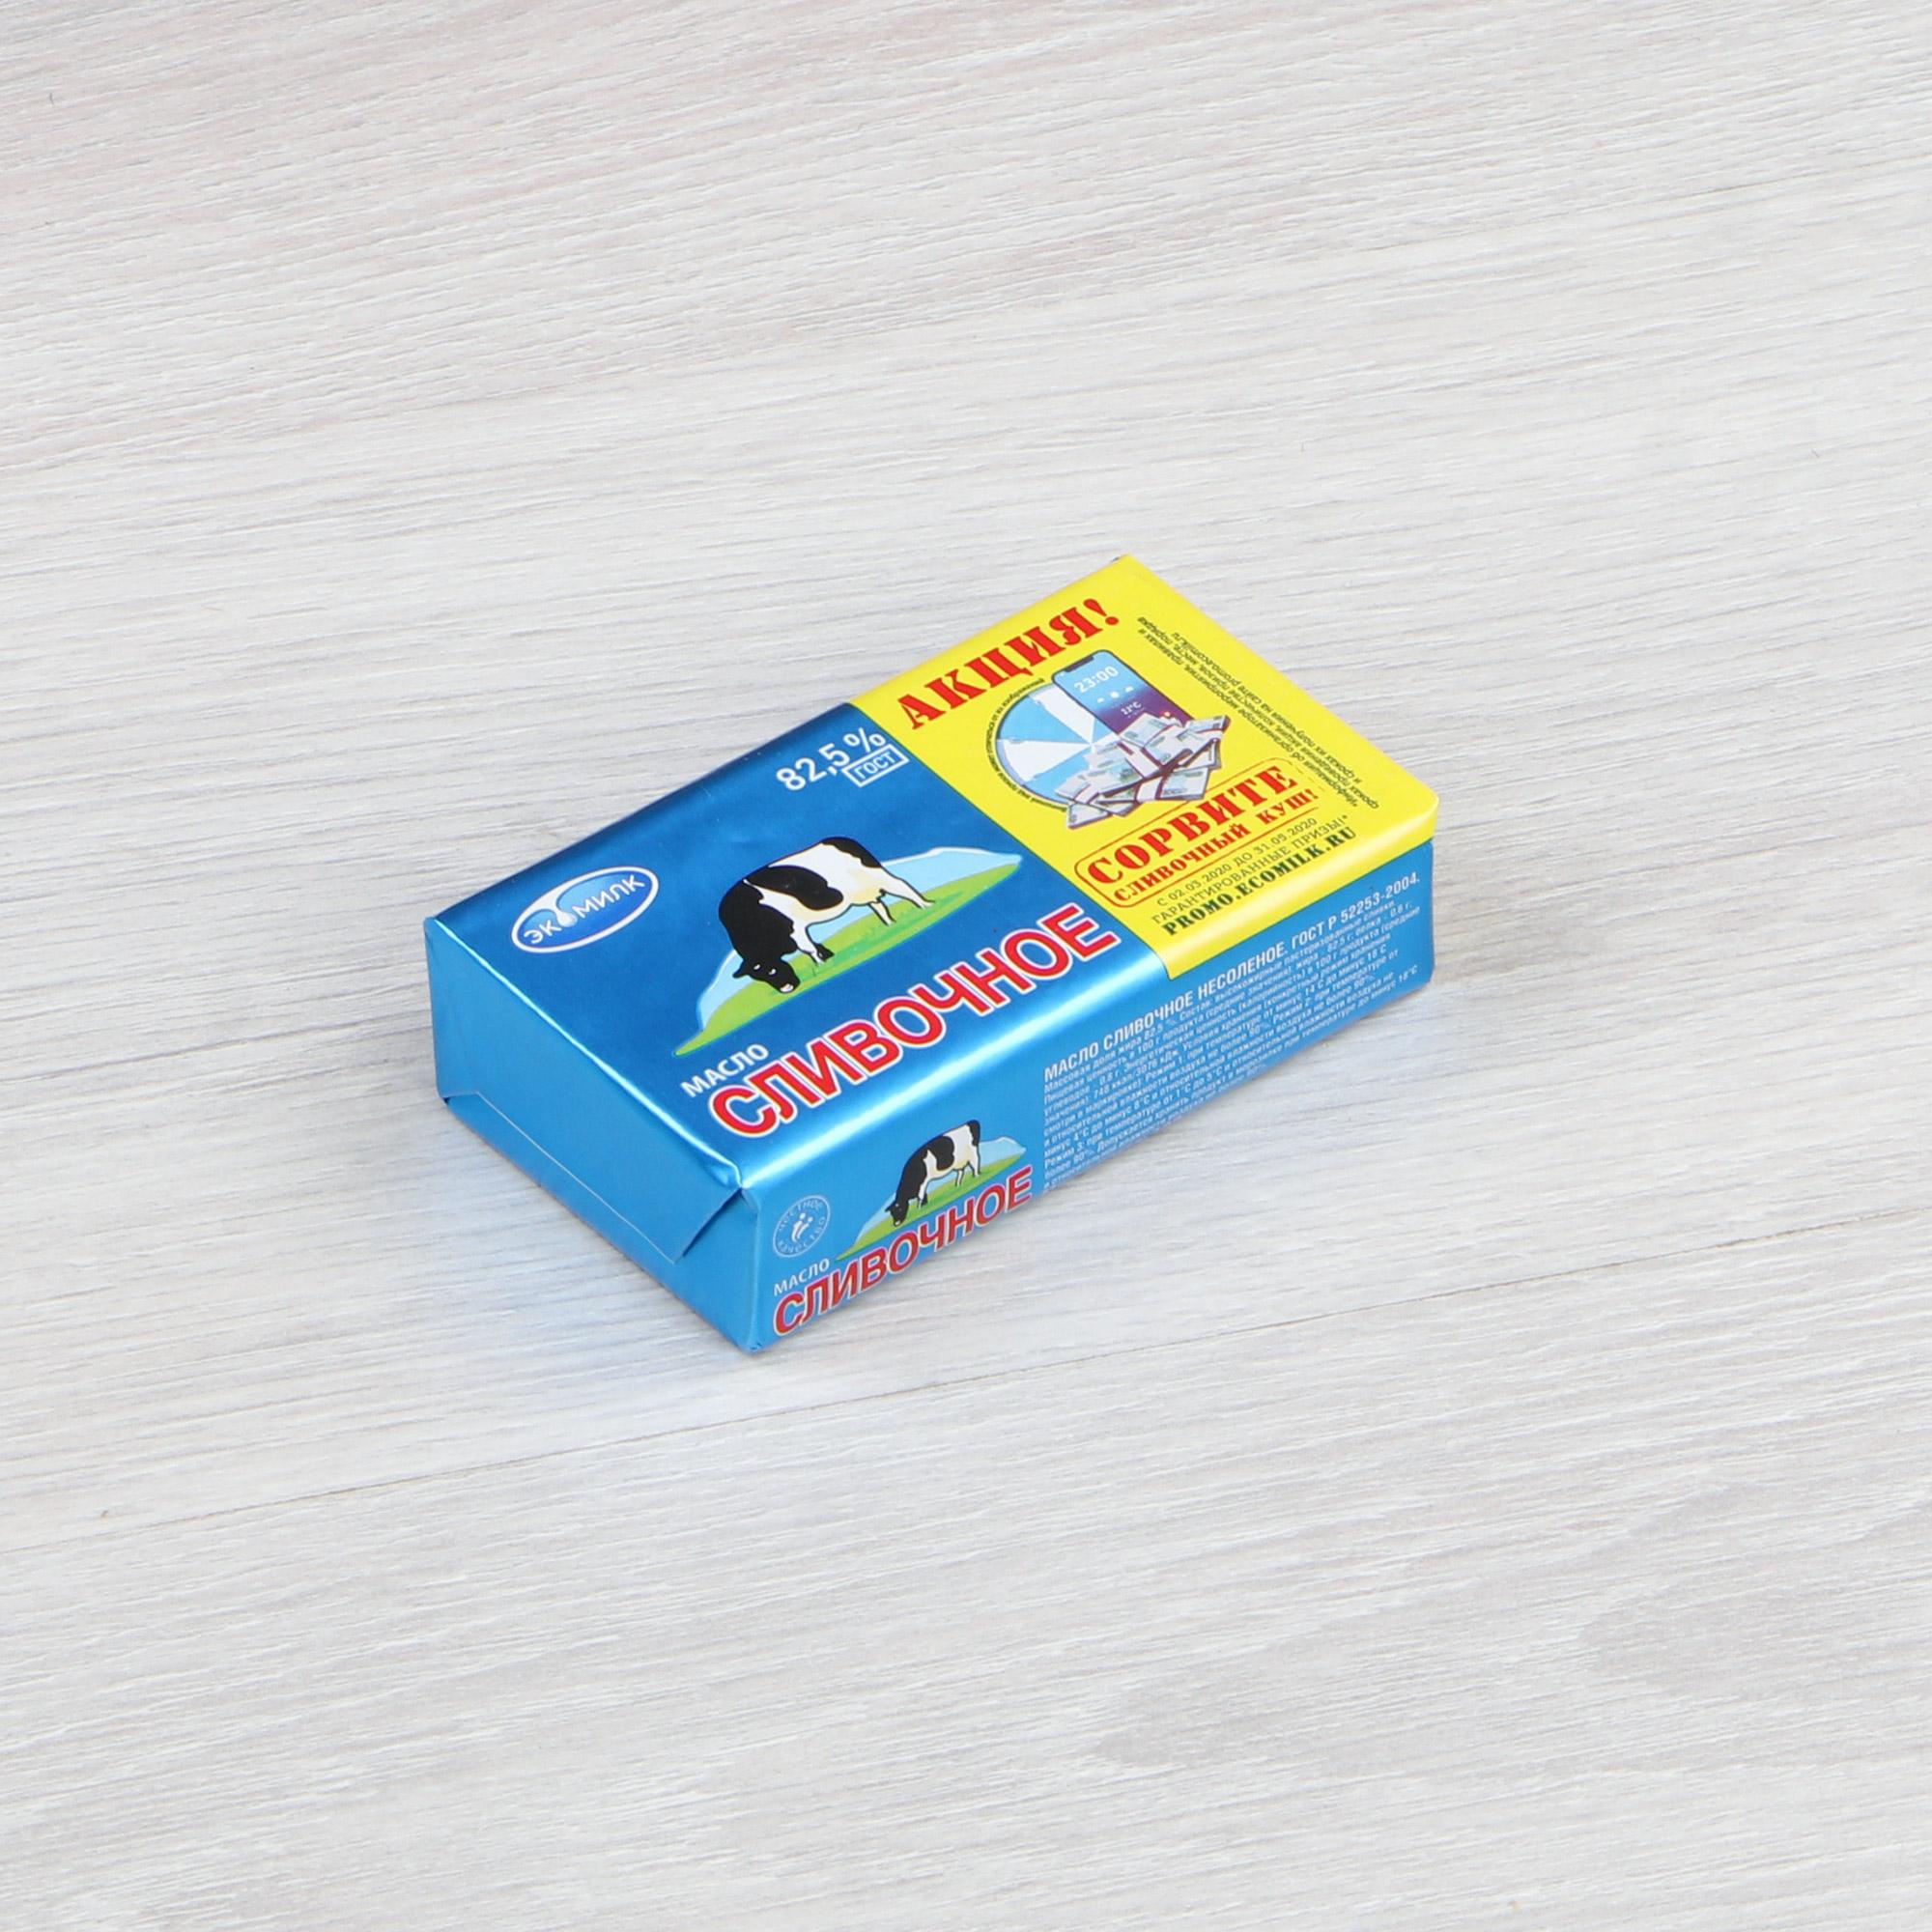 Масло сливочное Экомилк 82,5% 180 г экомилк бзмж масло сливочное крестьянское 72 5% 180 г экомилк